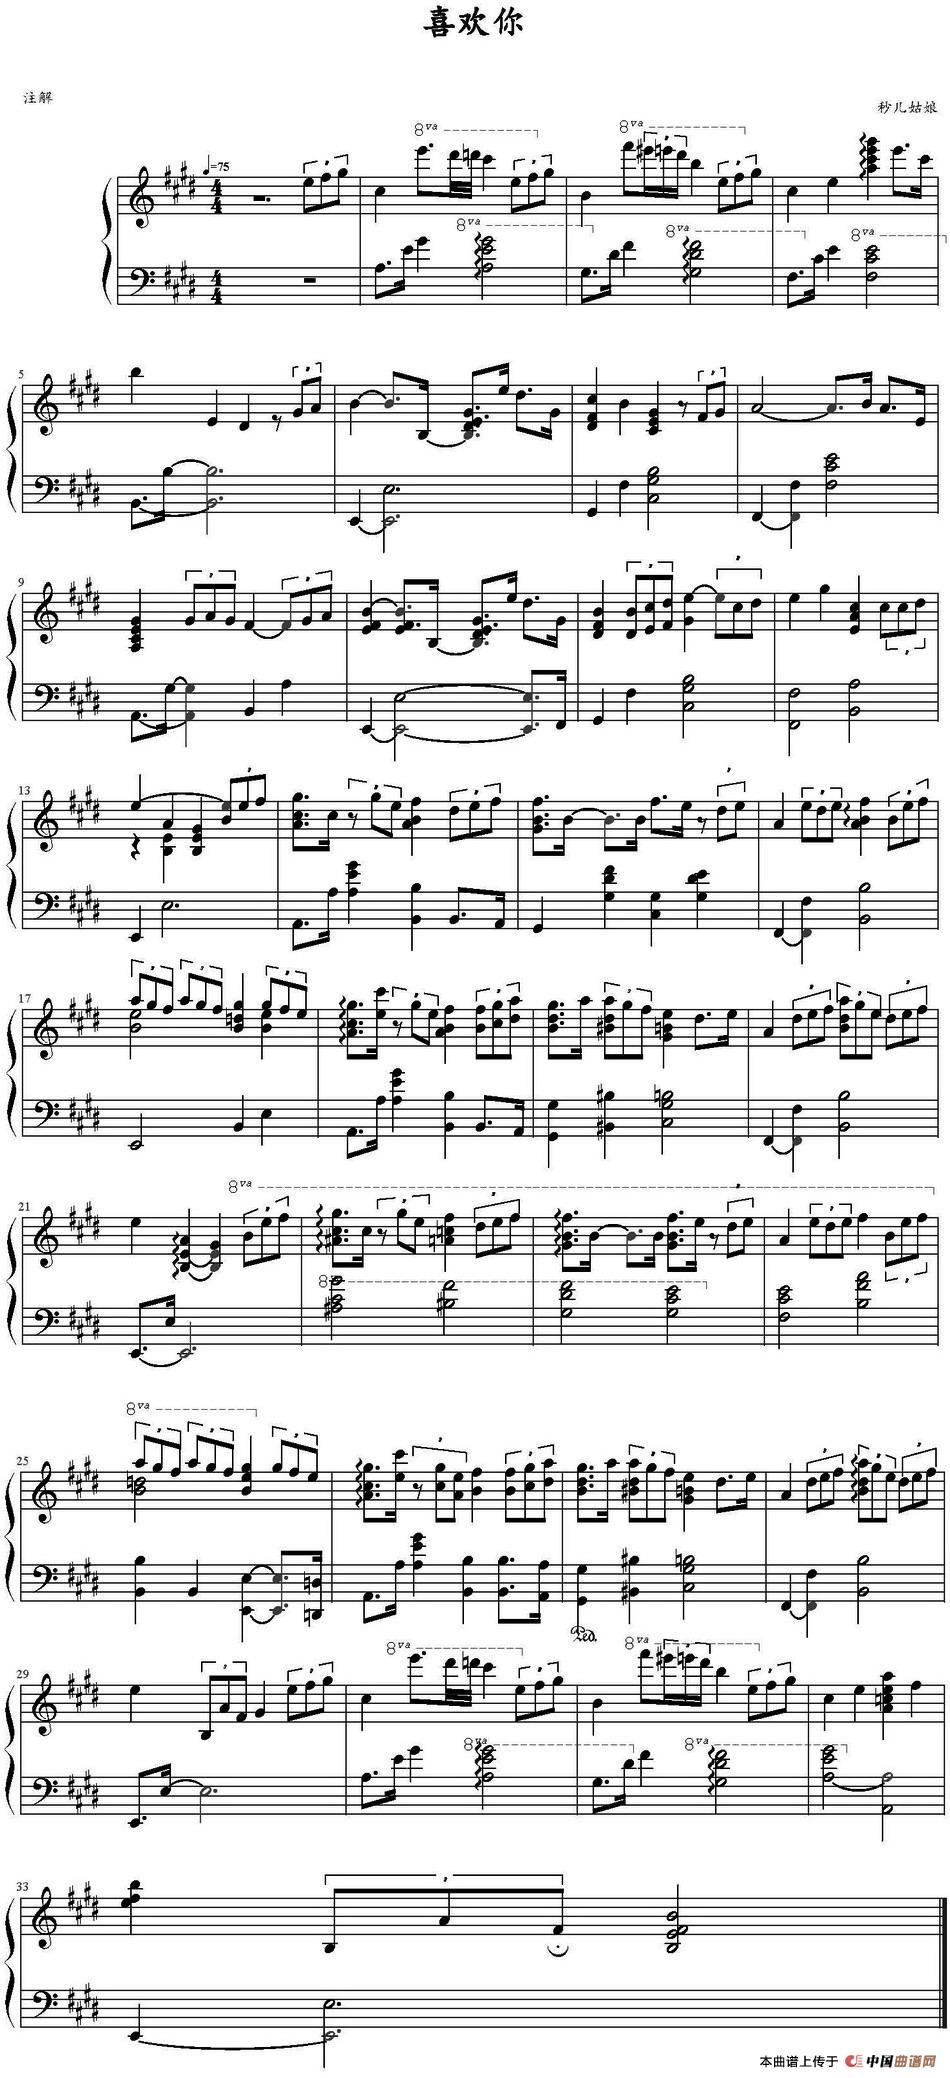 喜欢你钢琴谱 器乐乐谱 中国曲谱网